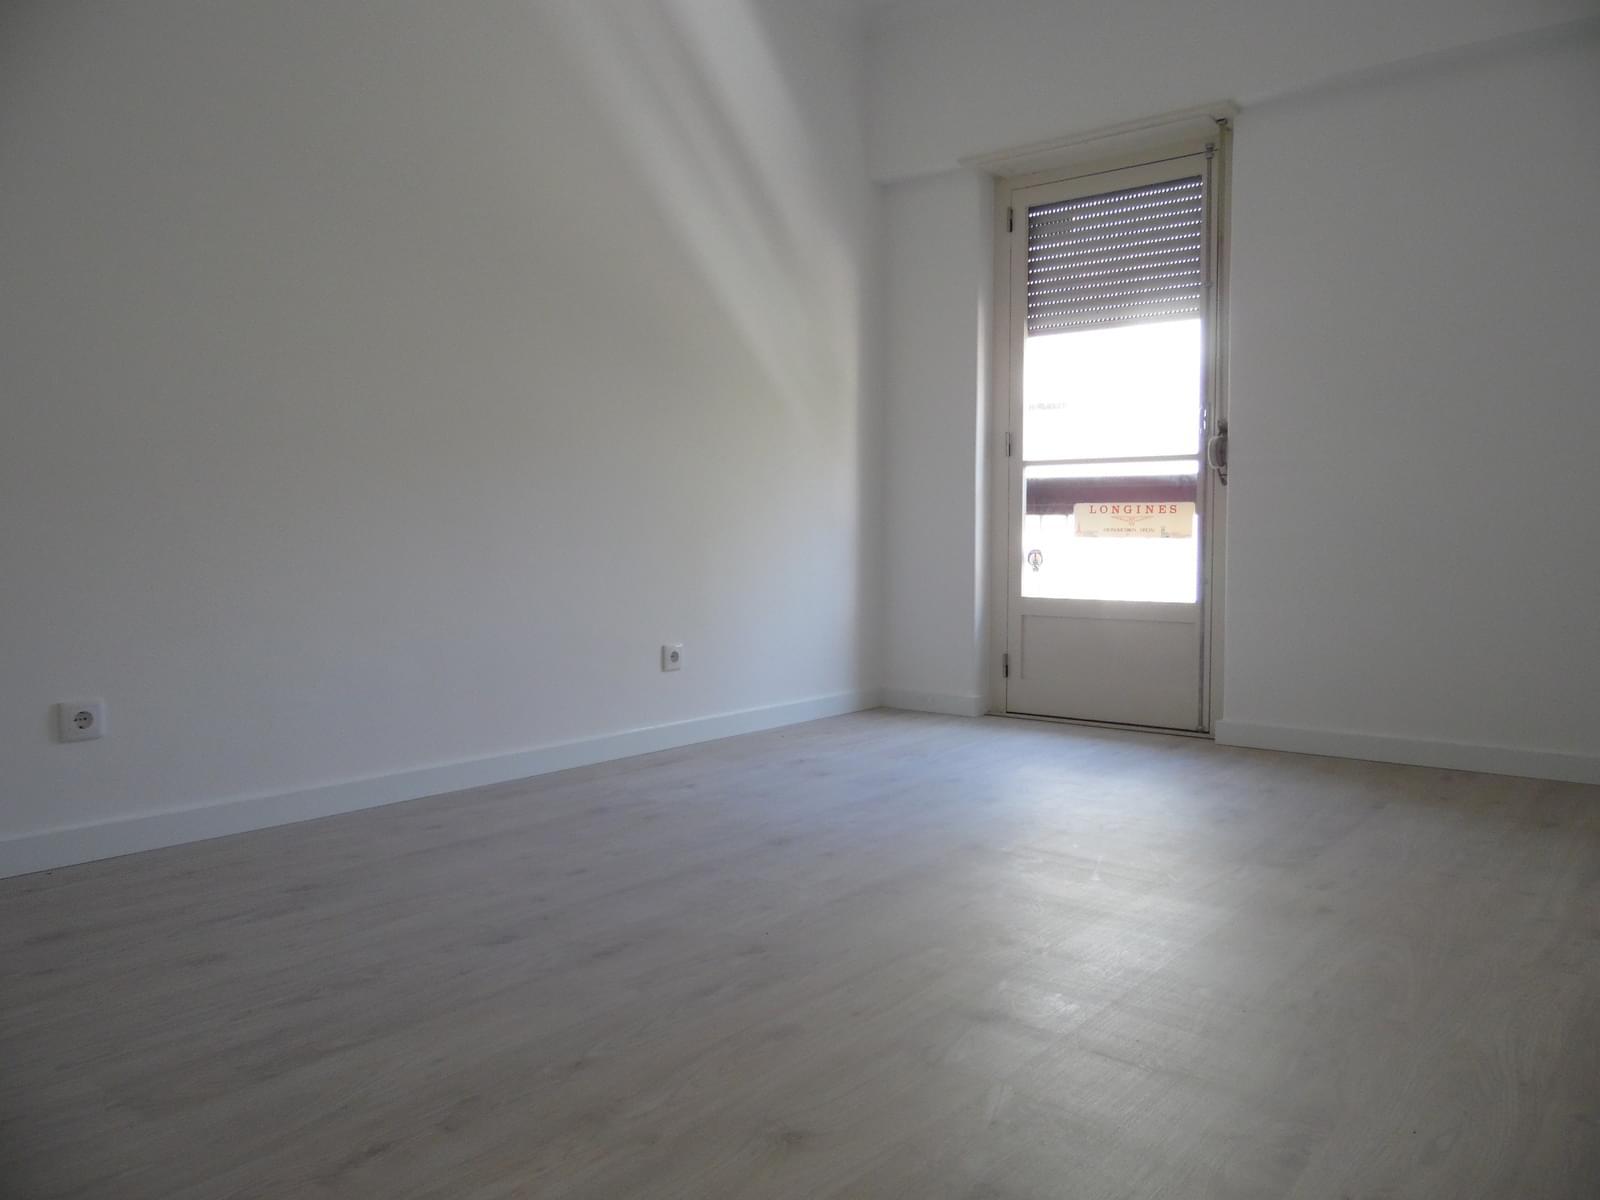 pf17195-apartamento-t3-oeiras-c7d6133f-d678-4d11-980a-419569c1cebf